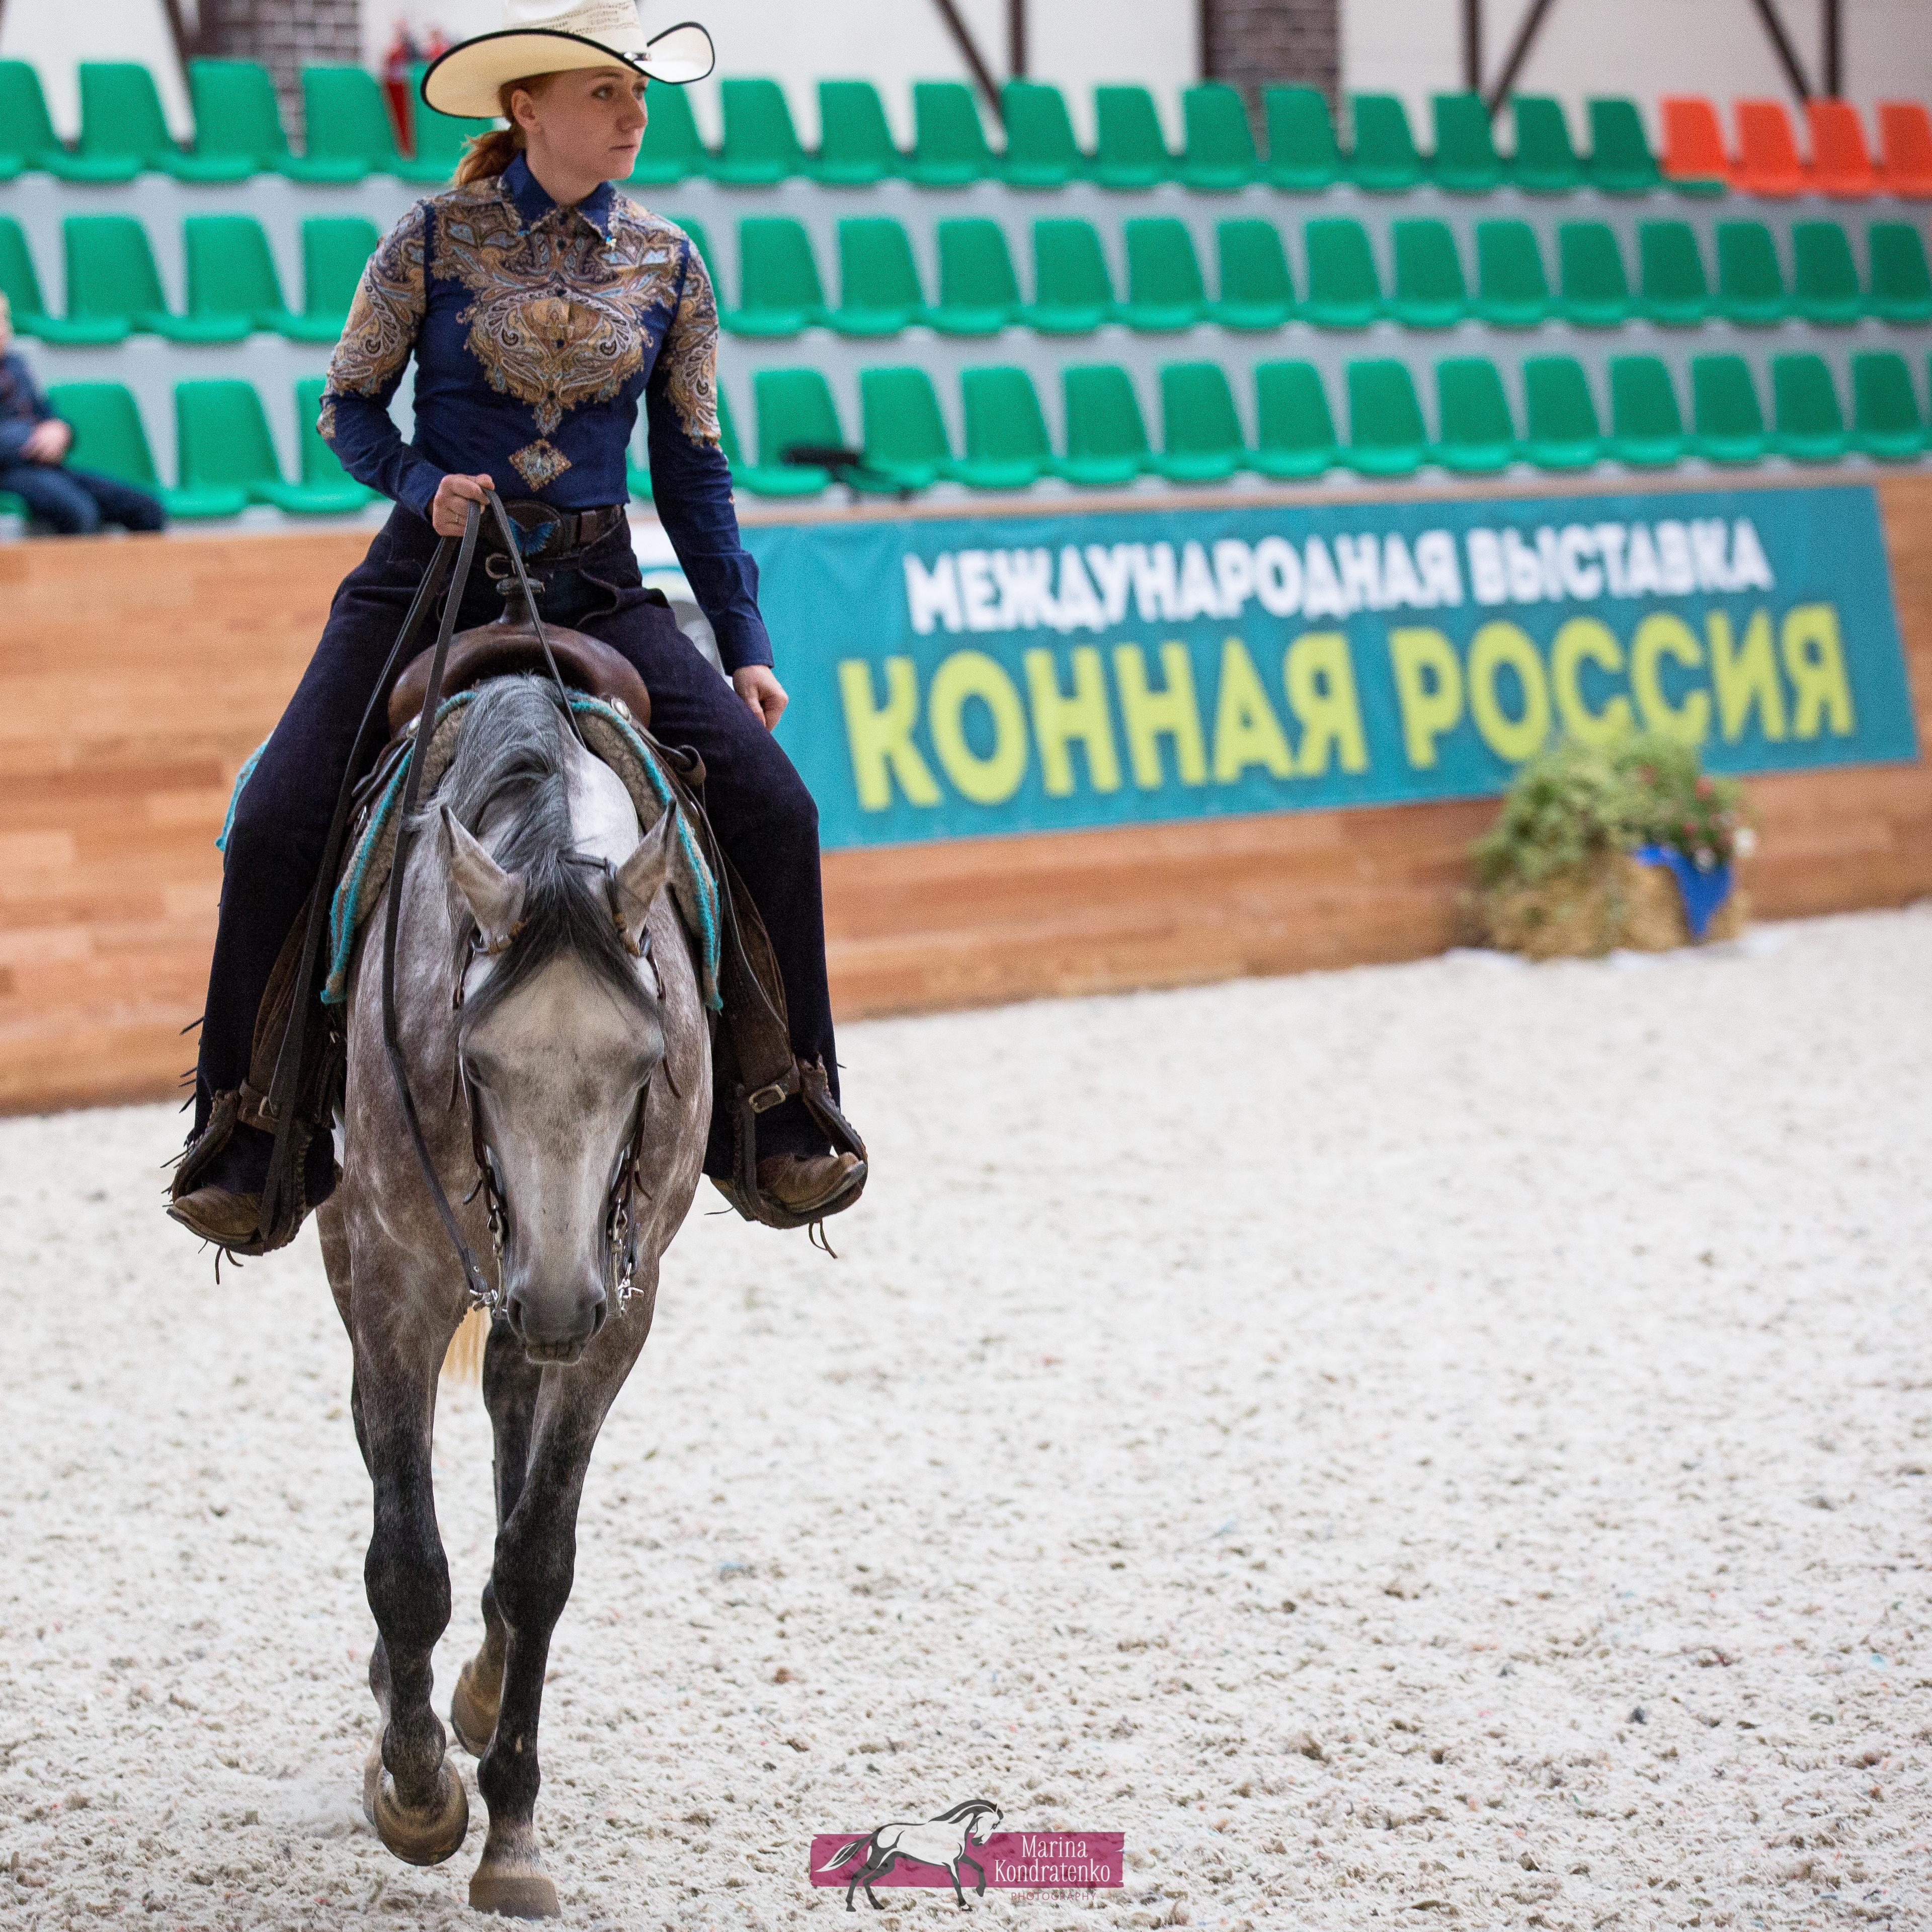 Конная Россия - 2017. Мария Кондратенко.